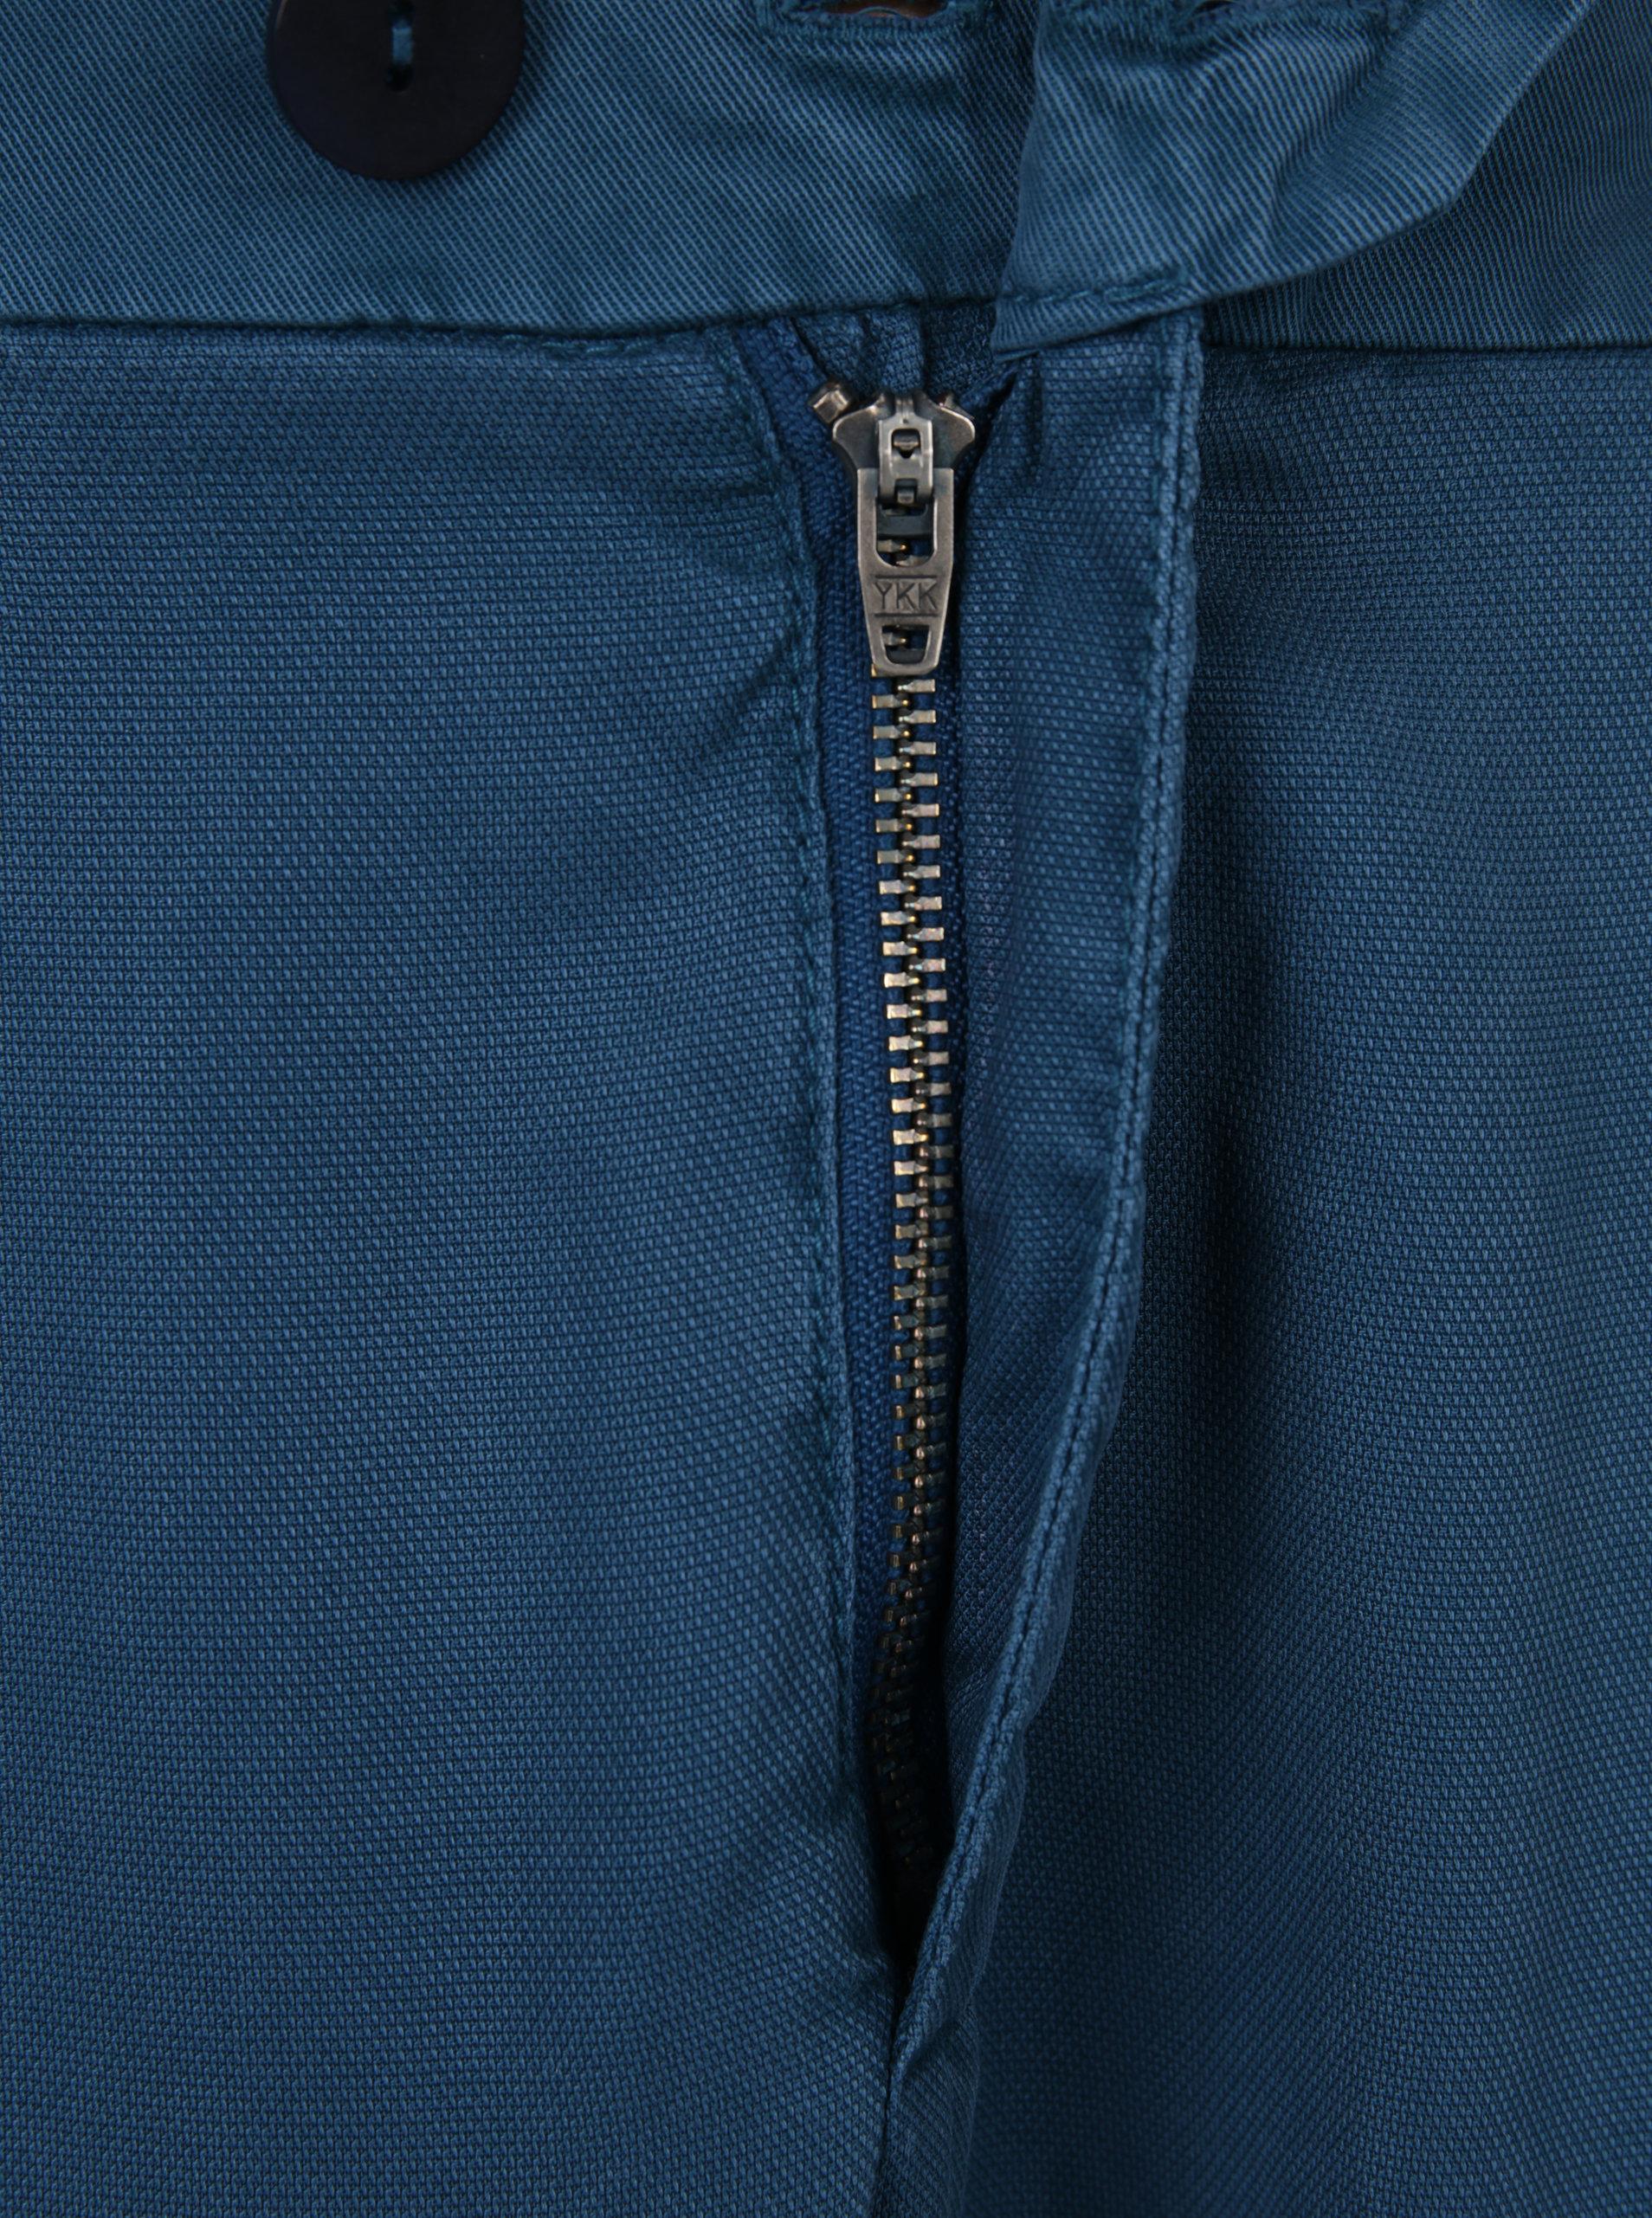 526d179f5c64 Petrolejové dámske skrátené chino nohavice s.Oliver ...